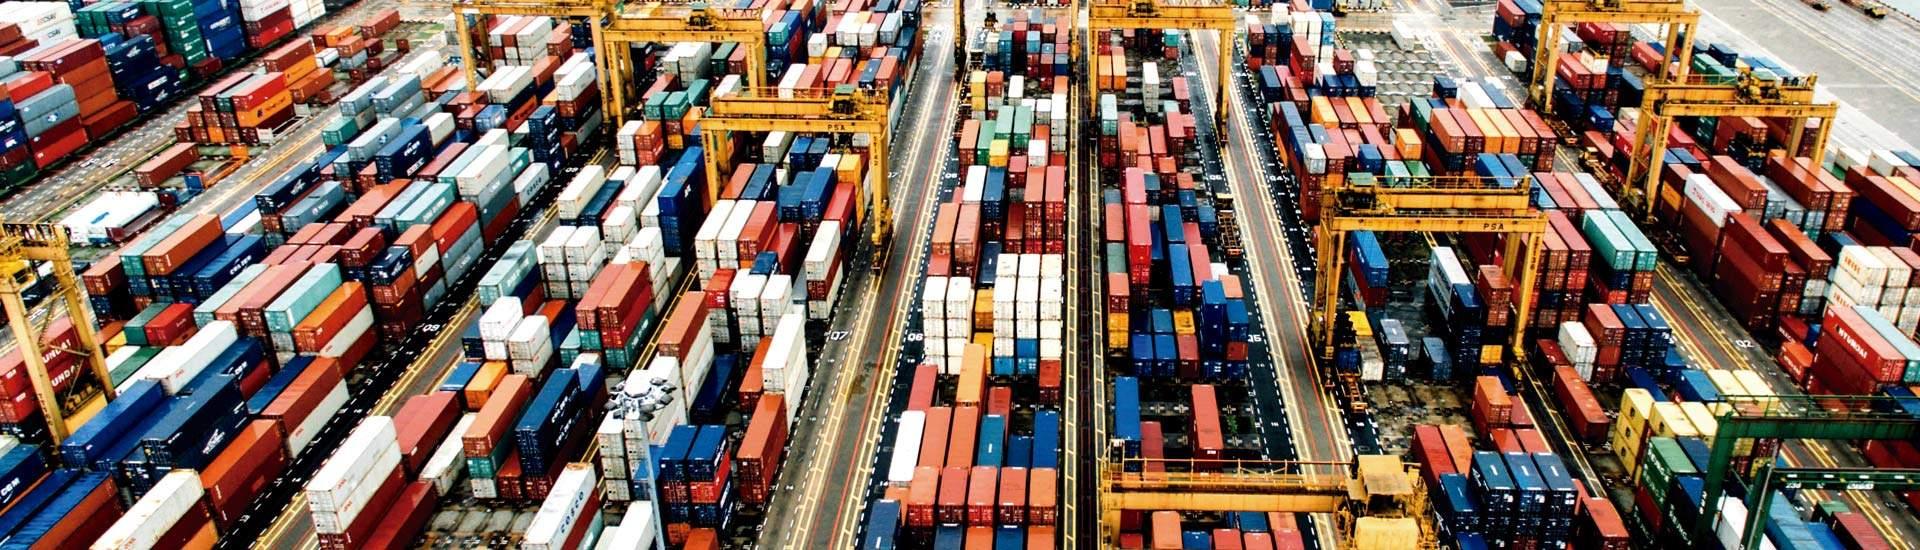 Importación y Exportación - Seegman